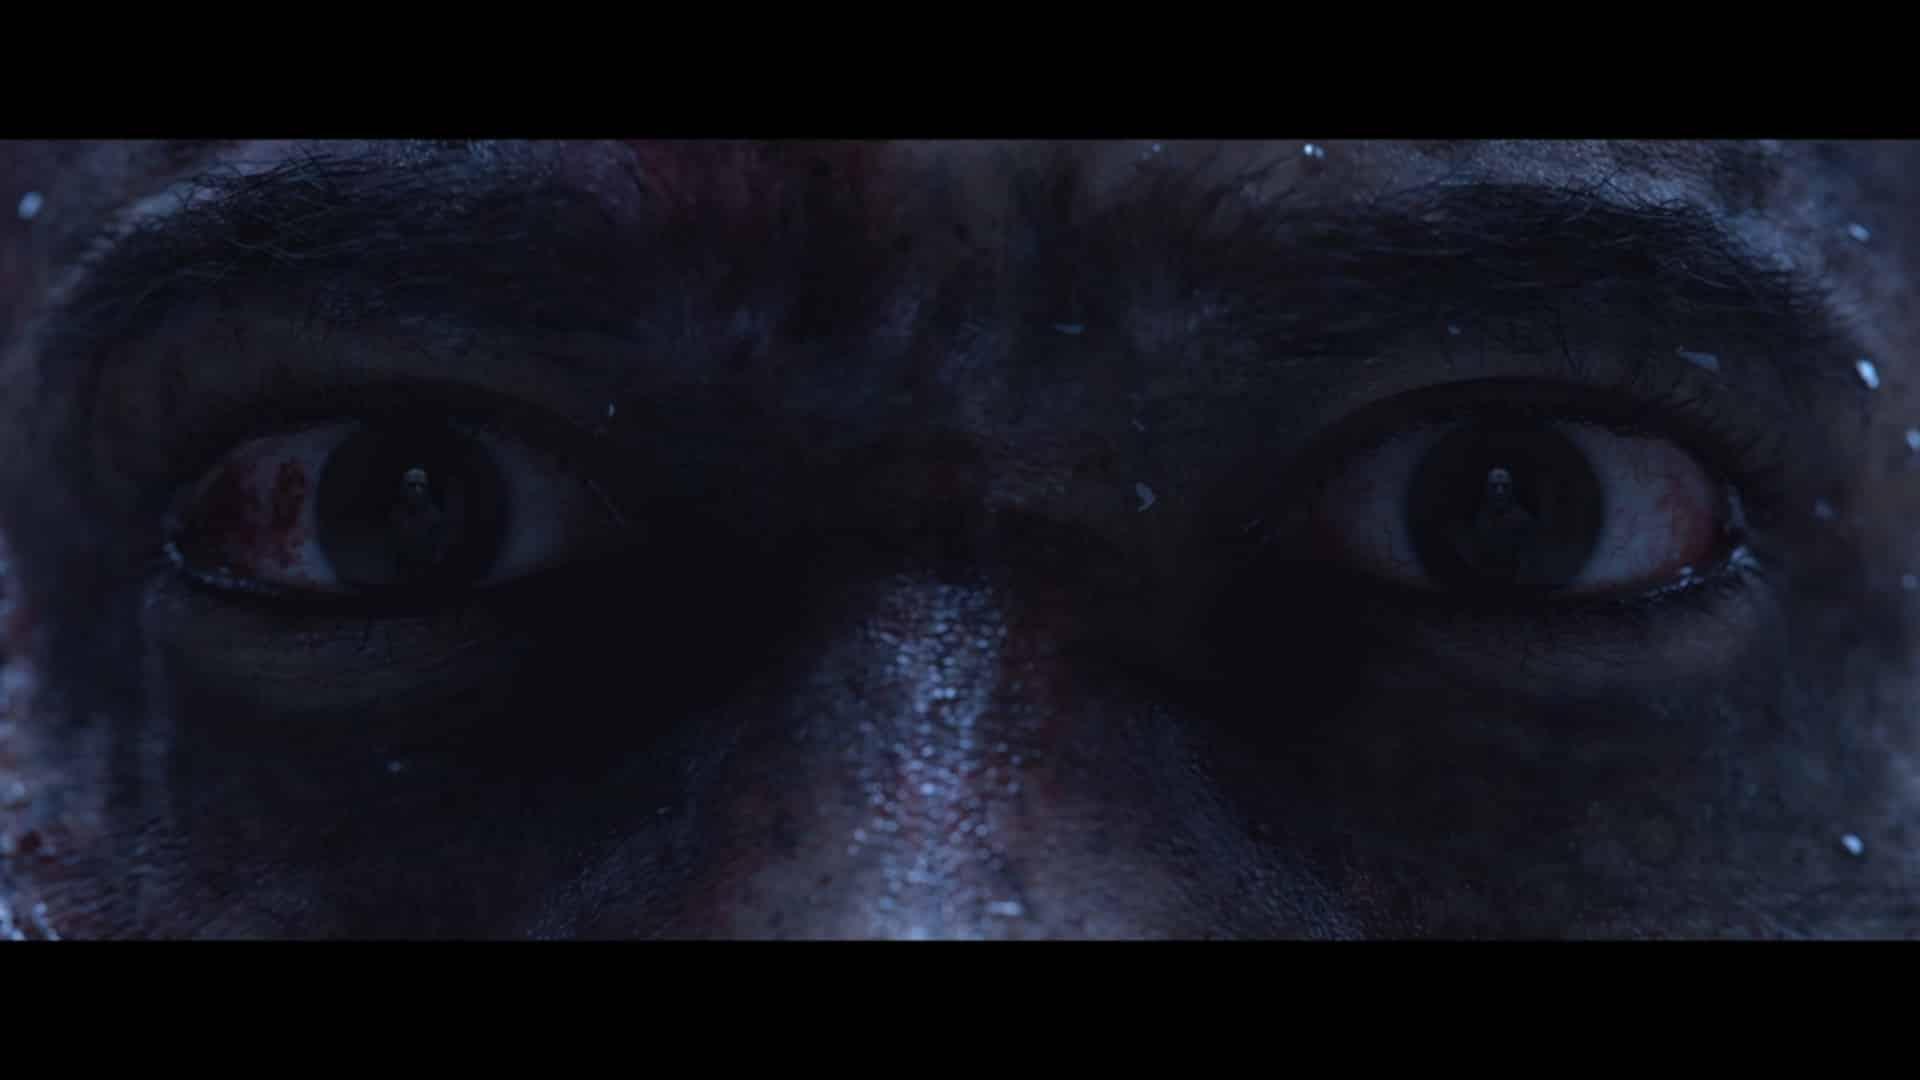 diablo-4-cinematique-introduction-information-details-blizzcon-2019-4